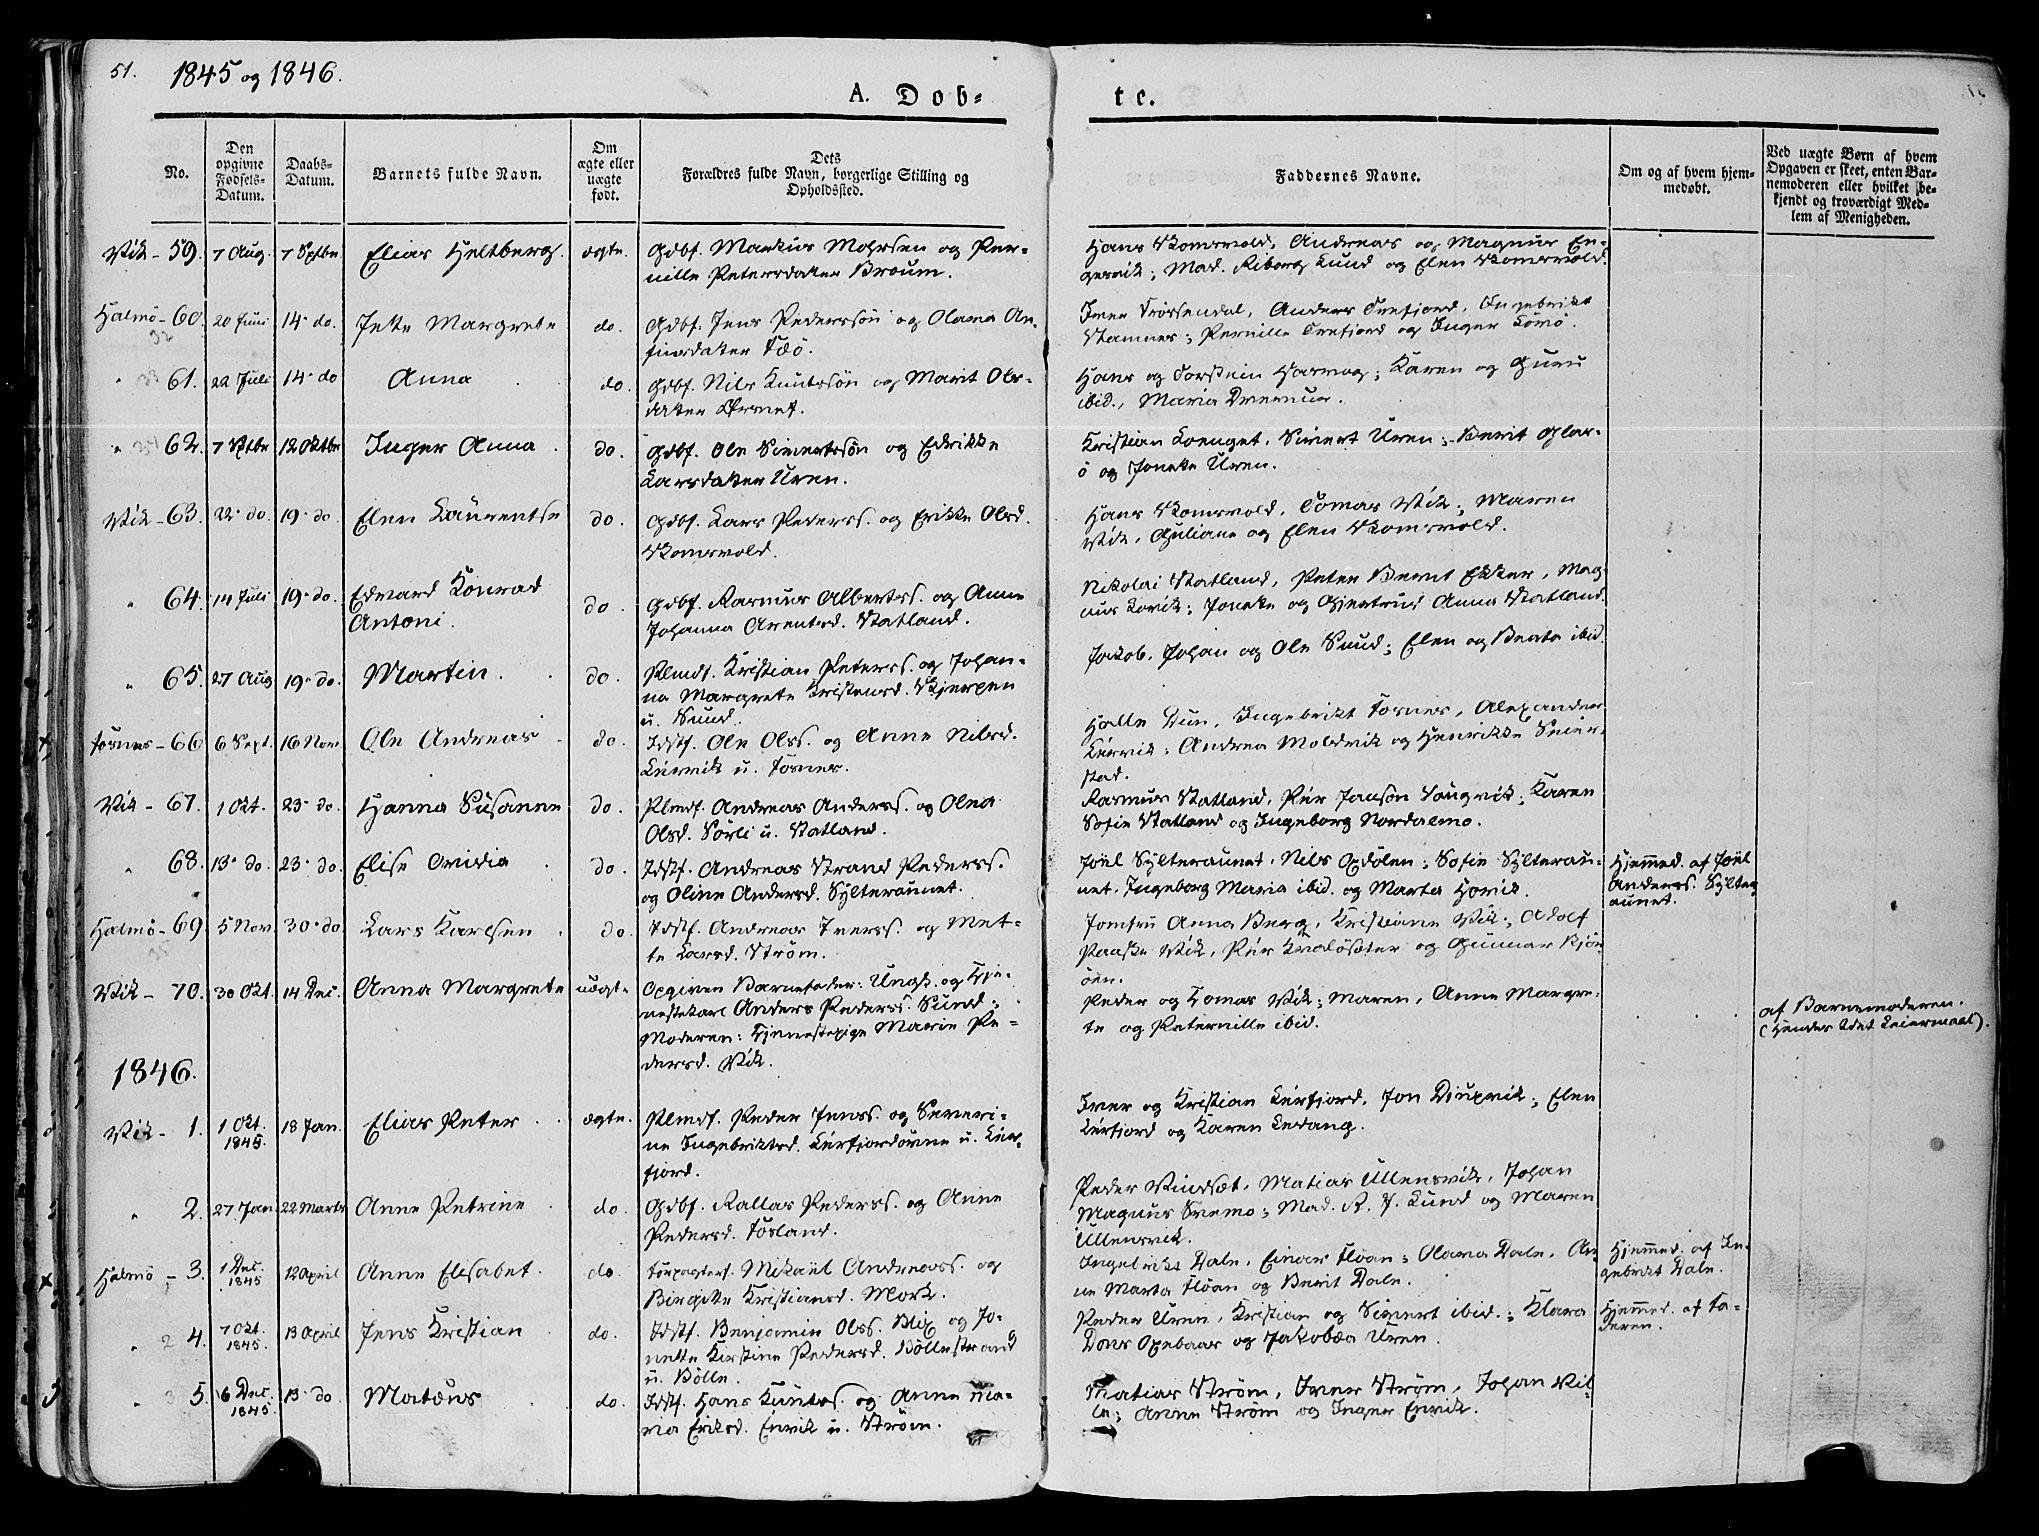 SAT, Ministerialprotokoller, klokkerbøker og fødselsregistre - Nord-Trøndelag, 773/L0614: Ministerialbok nr. 773A05, 1831-1856, s. 51